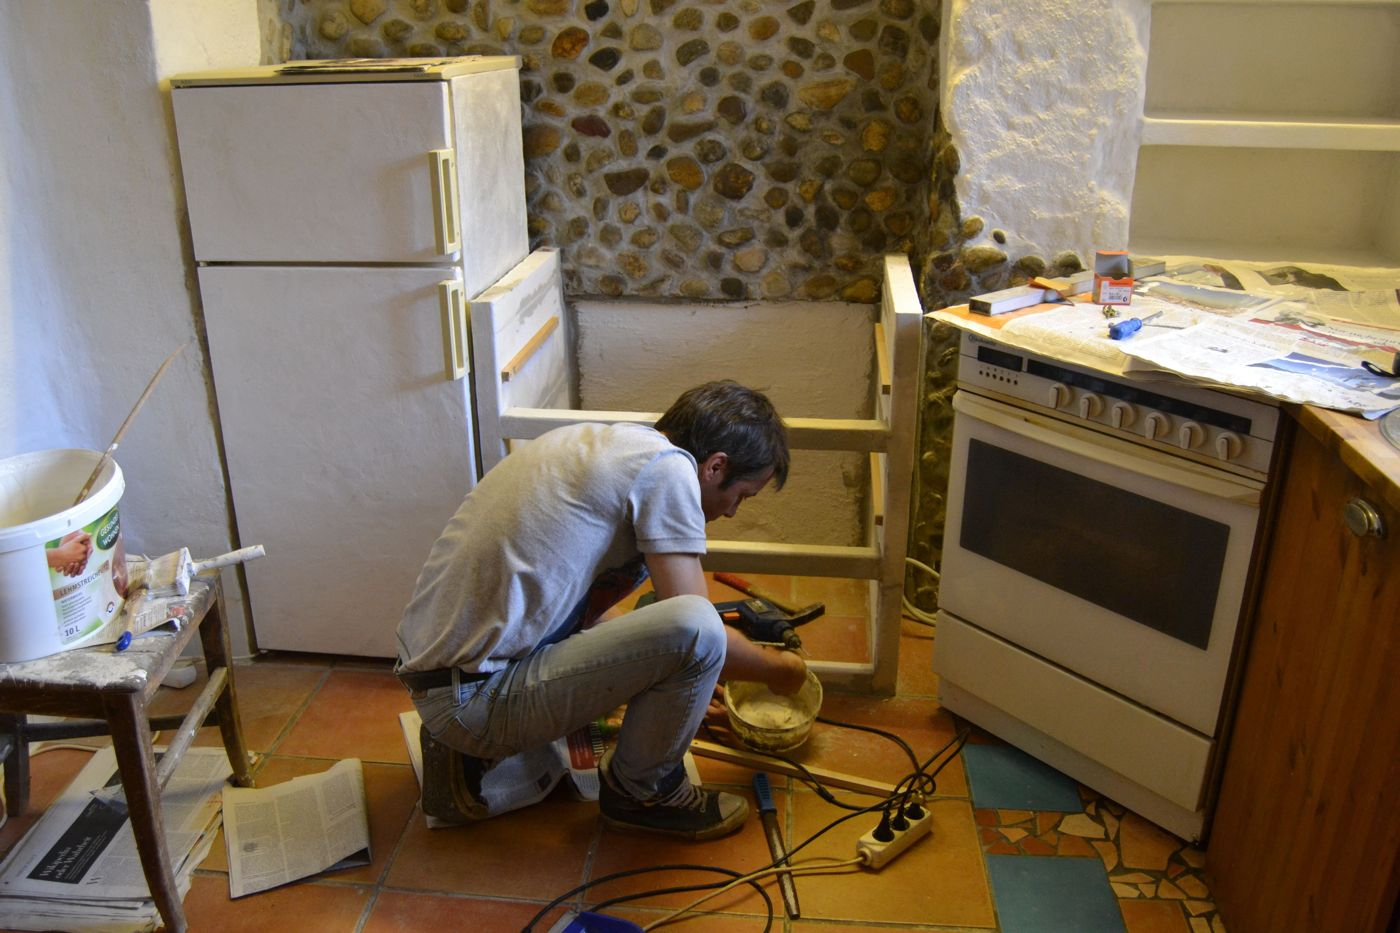 Outdoor Küche Selber Bauen Ytong : Outdoor küche mit kalksandsteinen mauern u a wir bauen dann mal ein haus